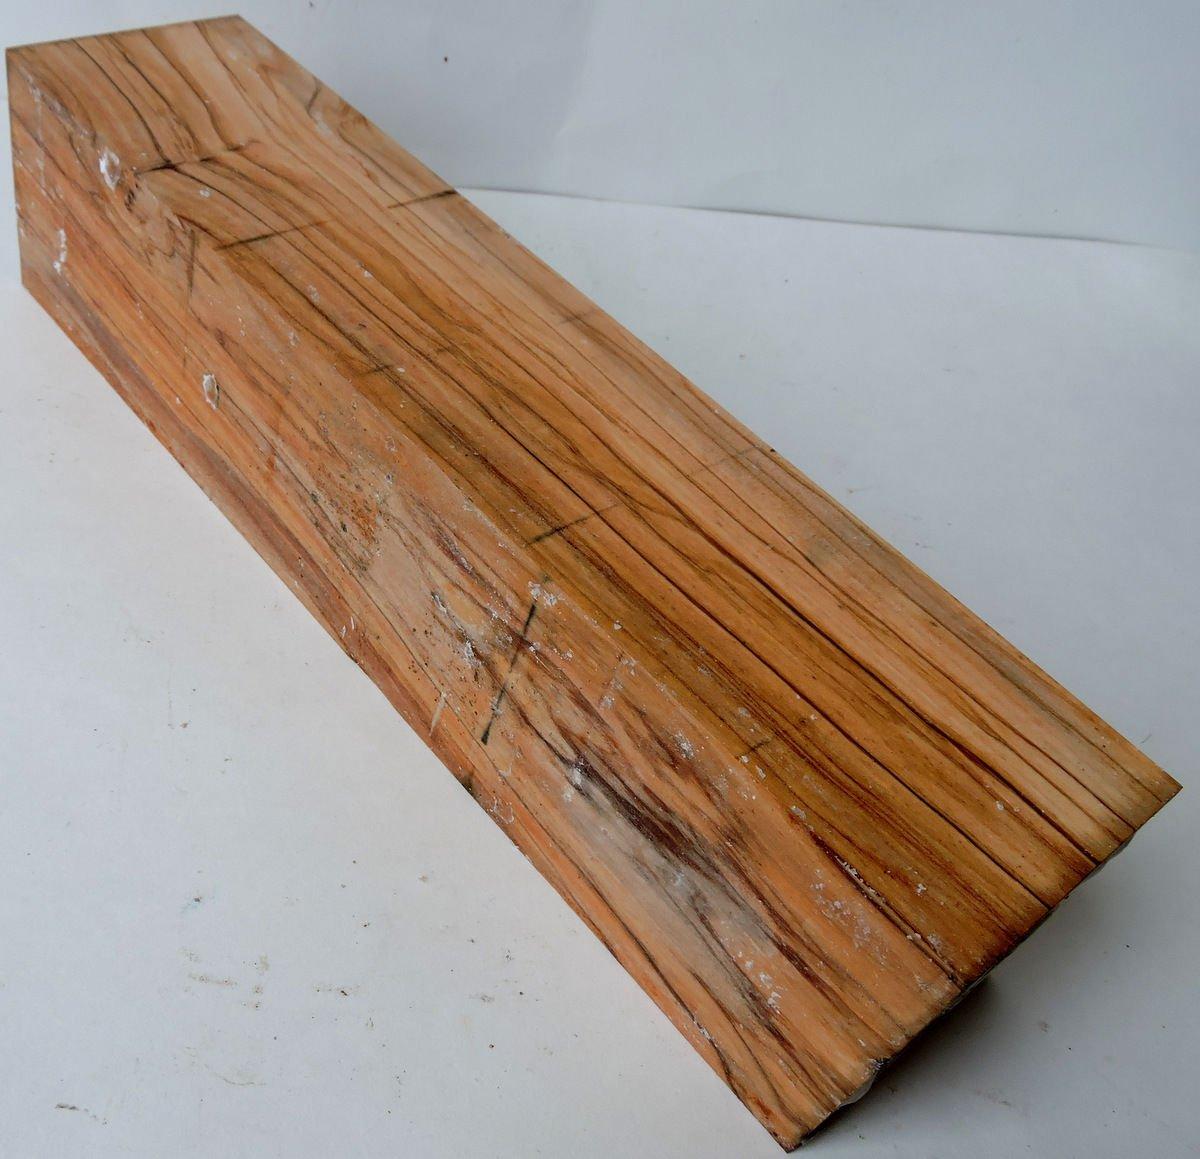 Roman Olivewood Lumber 3x3x12 Gun Grips Game Calls Reel Seats Pool Cues Timber